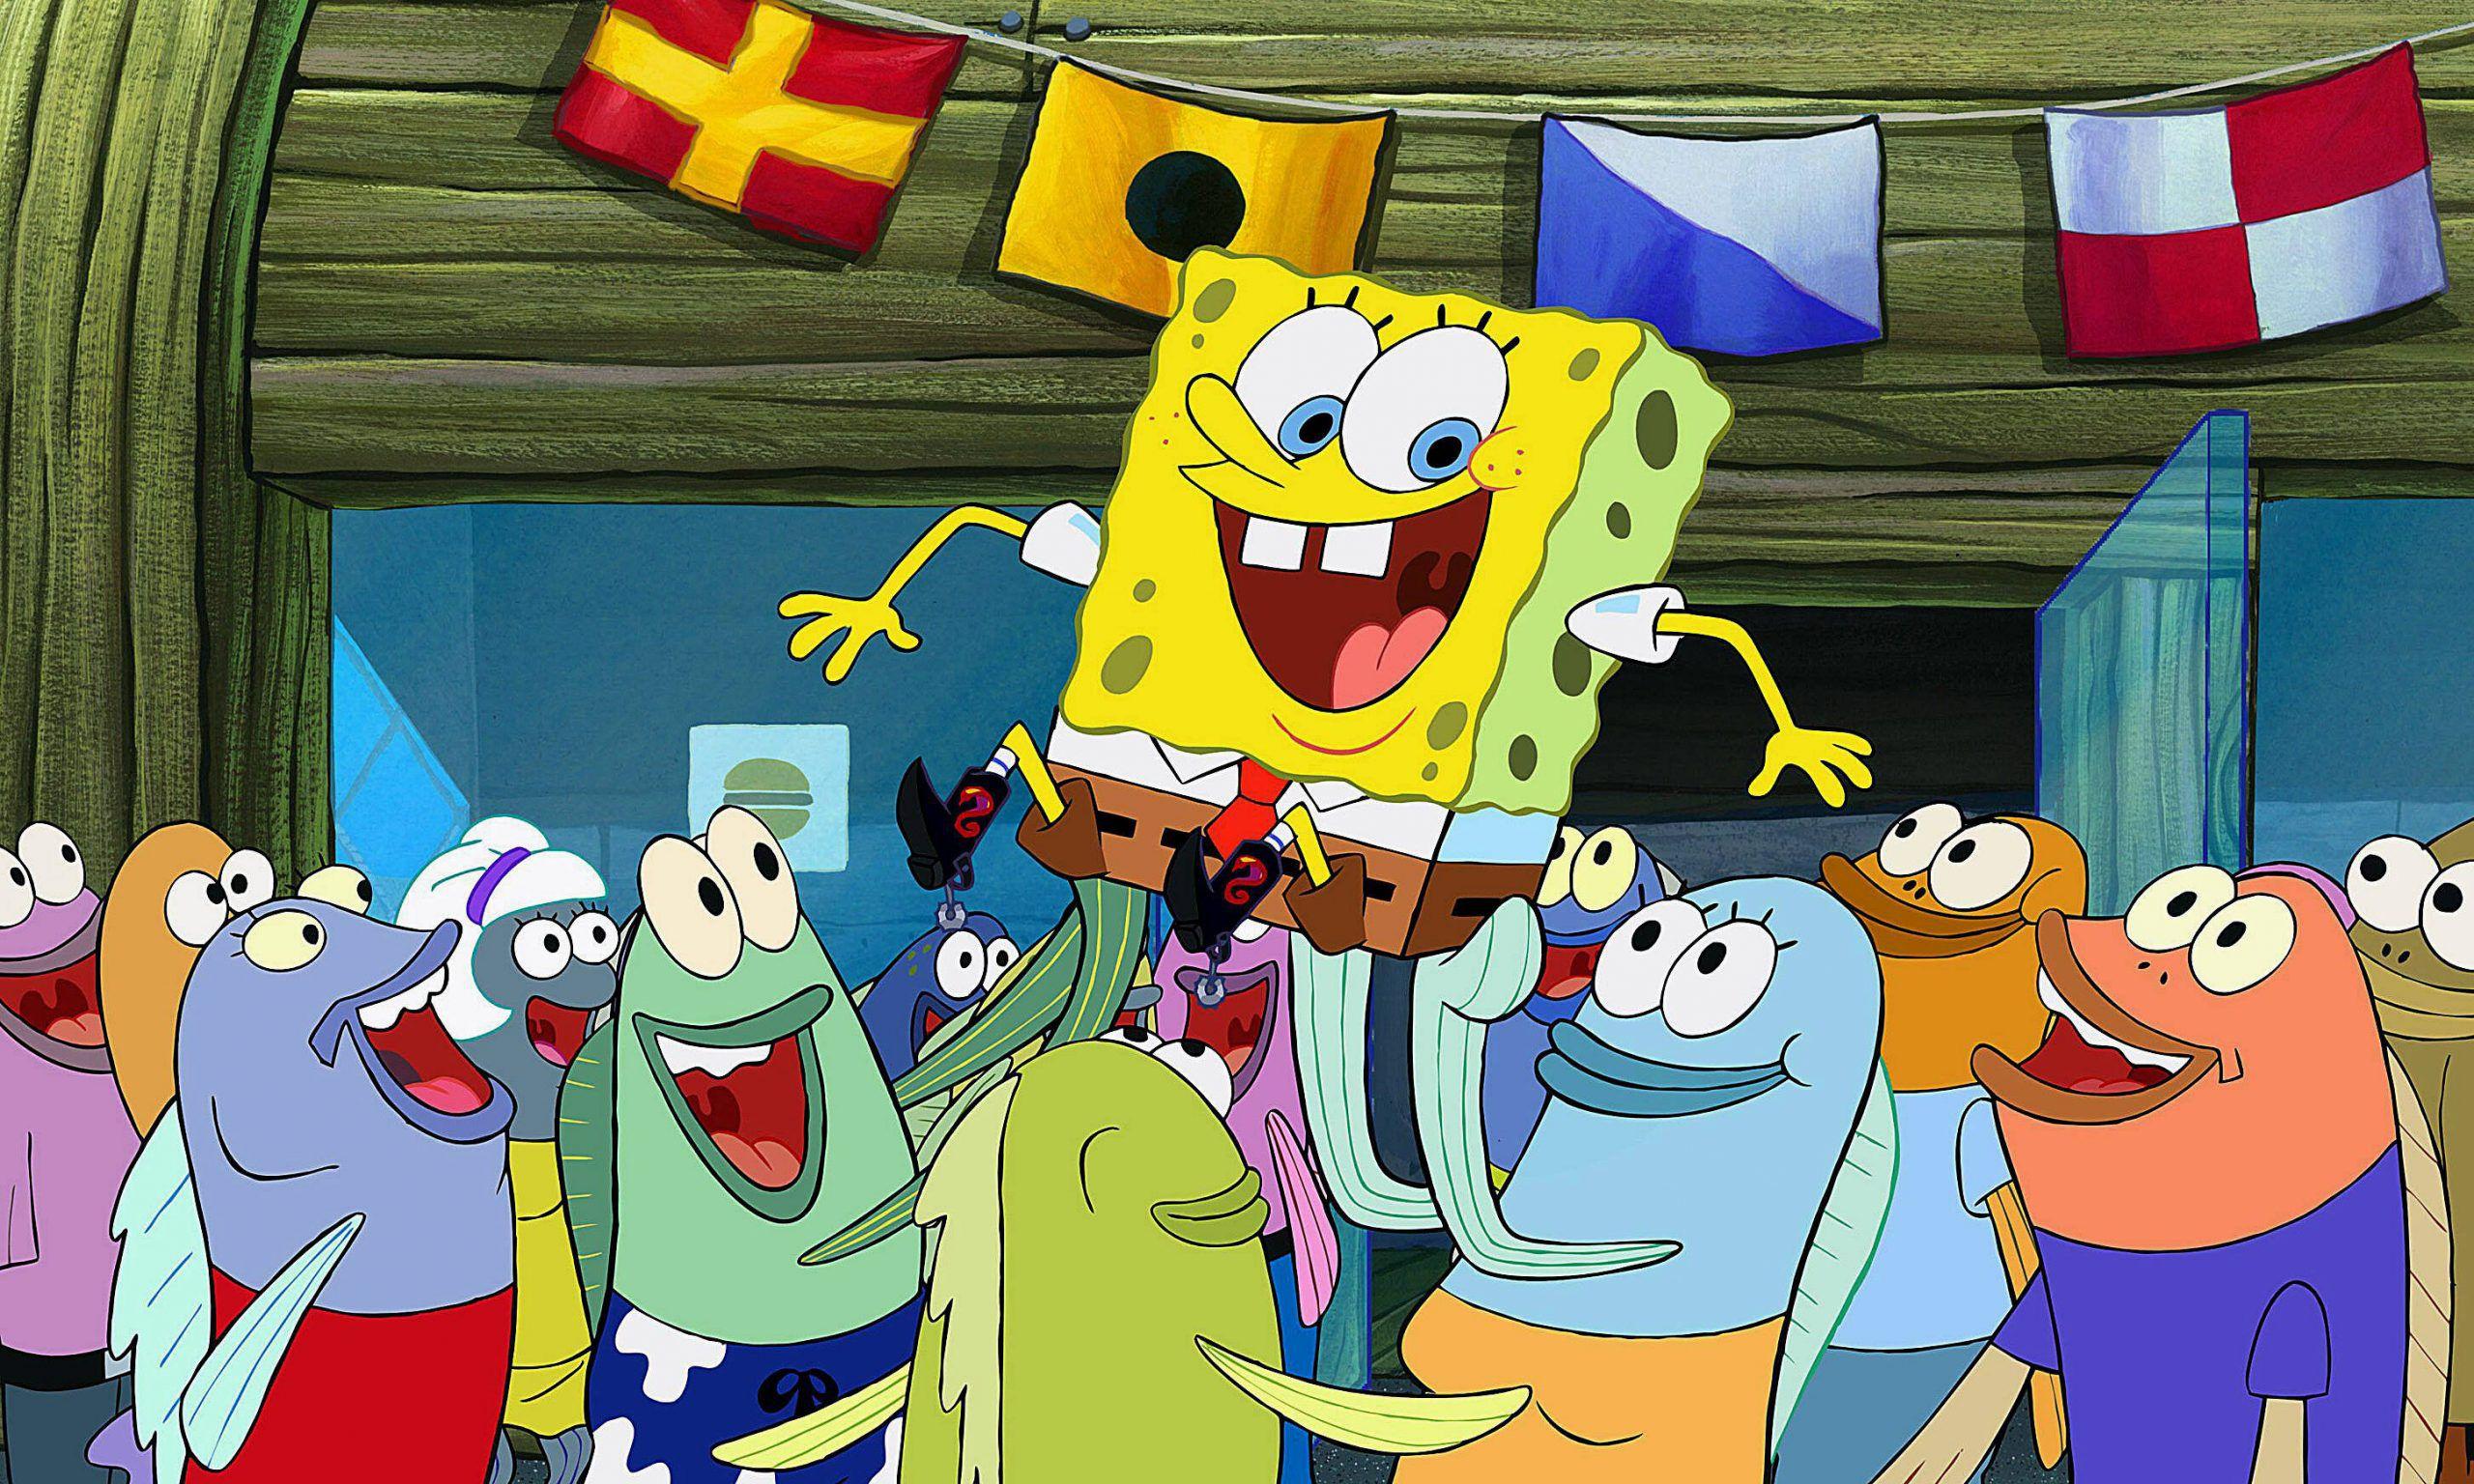 Ist Spongebob Schwul